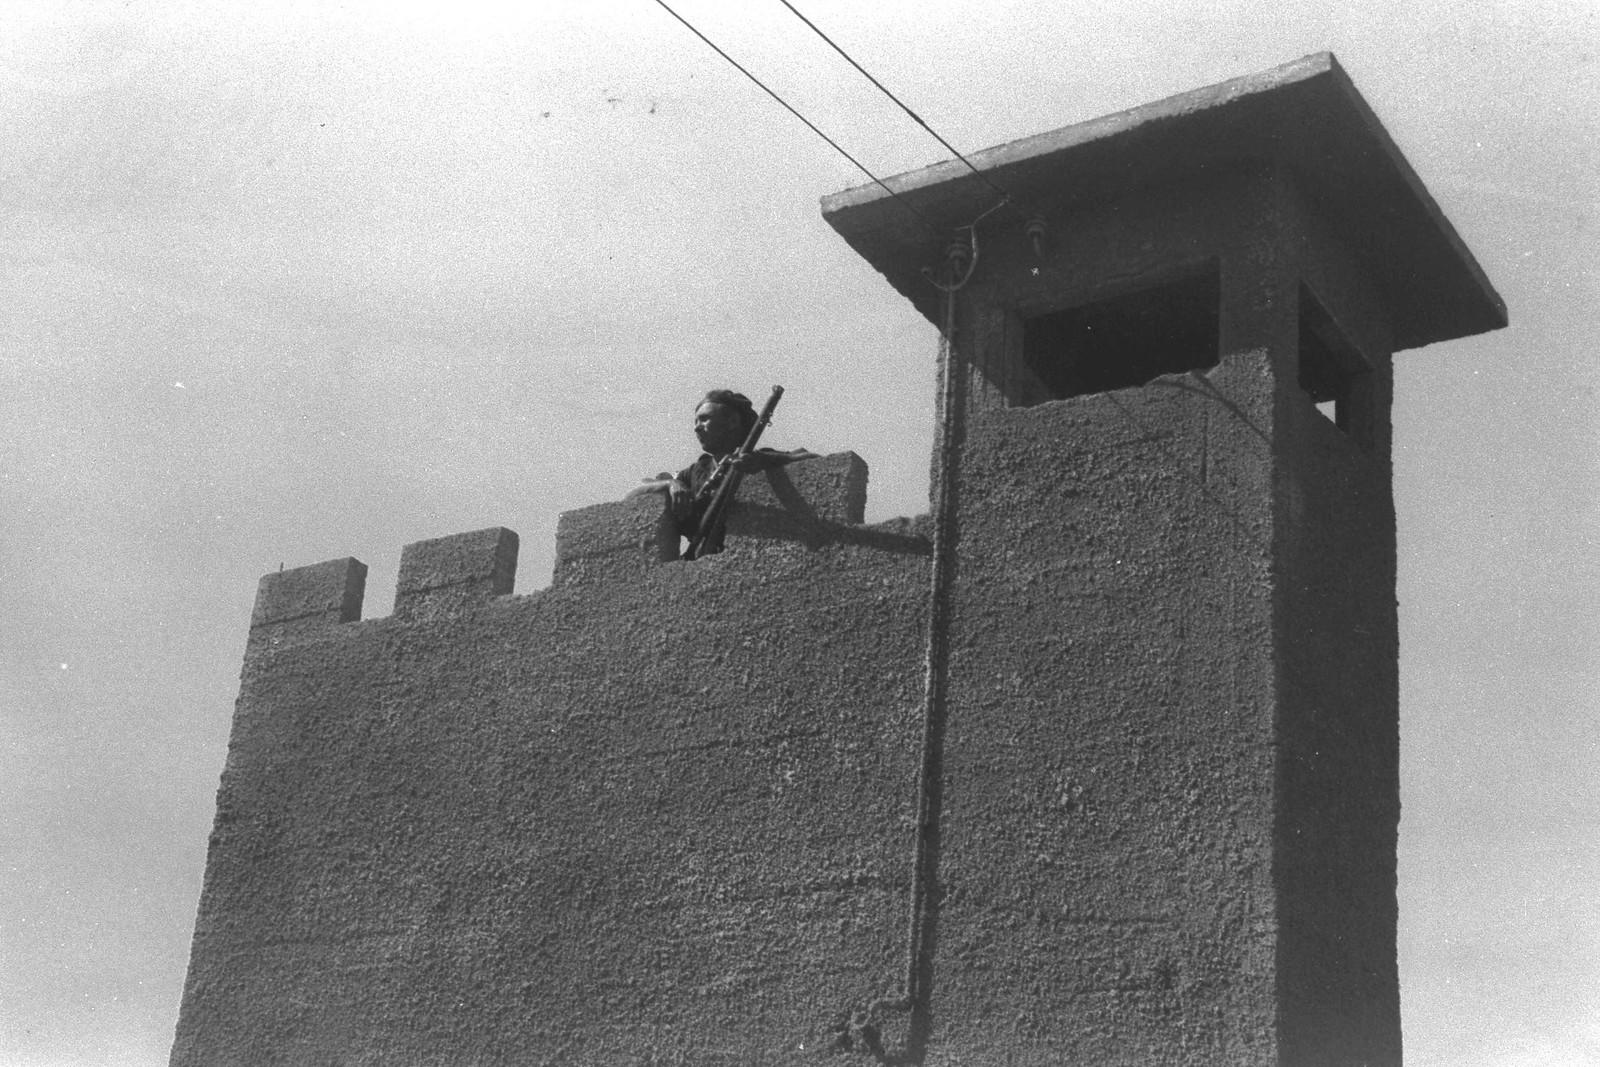 1939. Поселенческая полиция на сторожевой башне в кибуце Нир Давид (Тель-Амаль). 18 июня